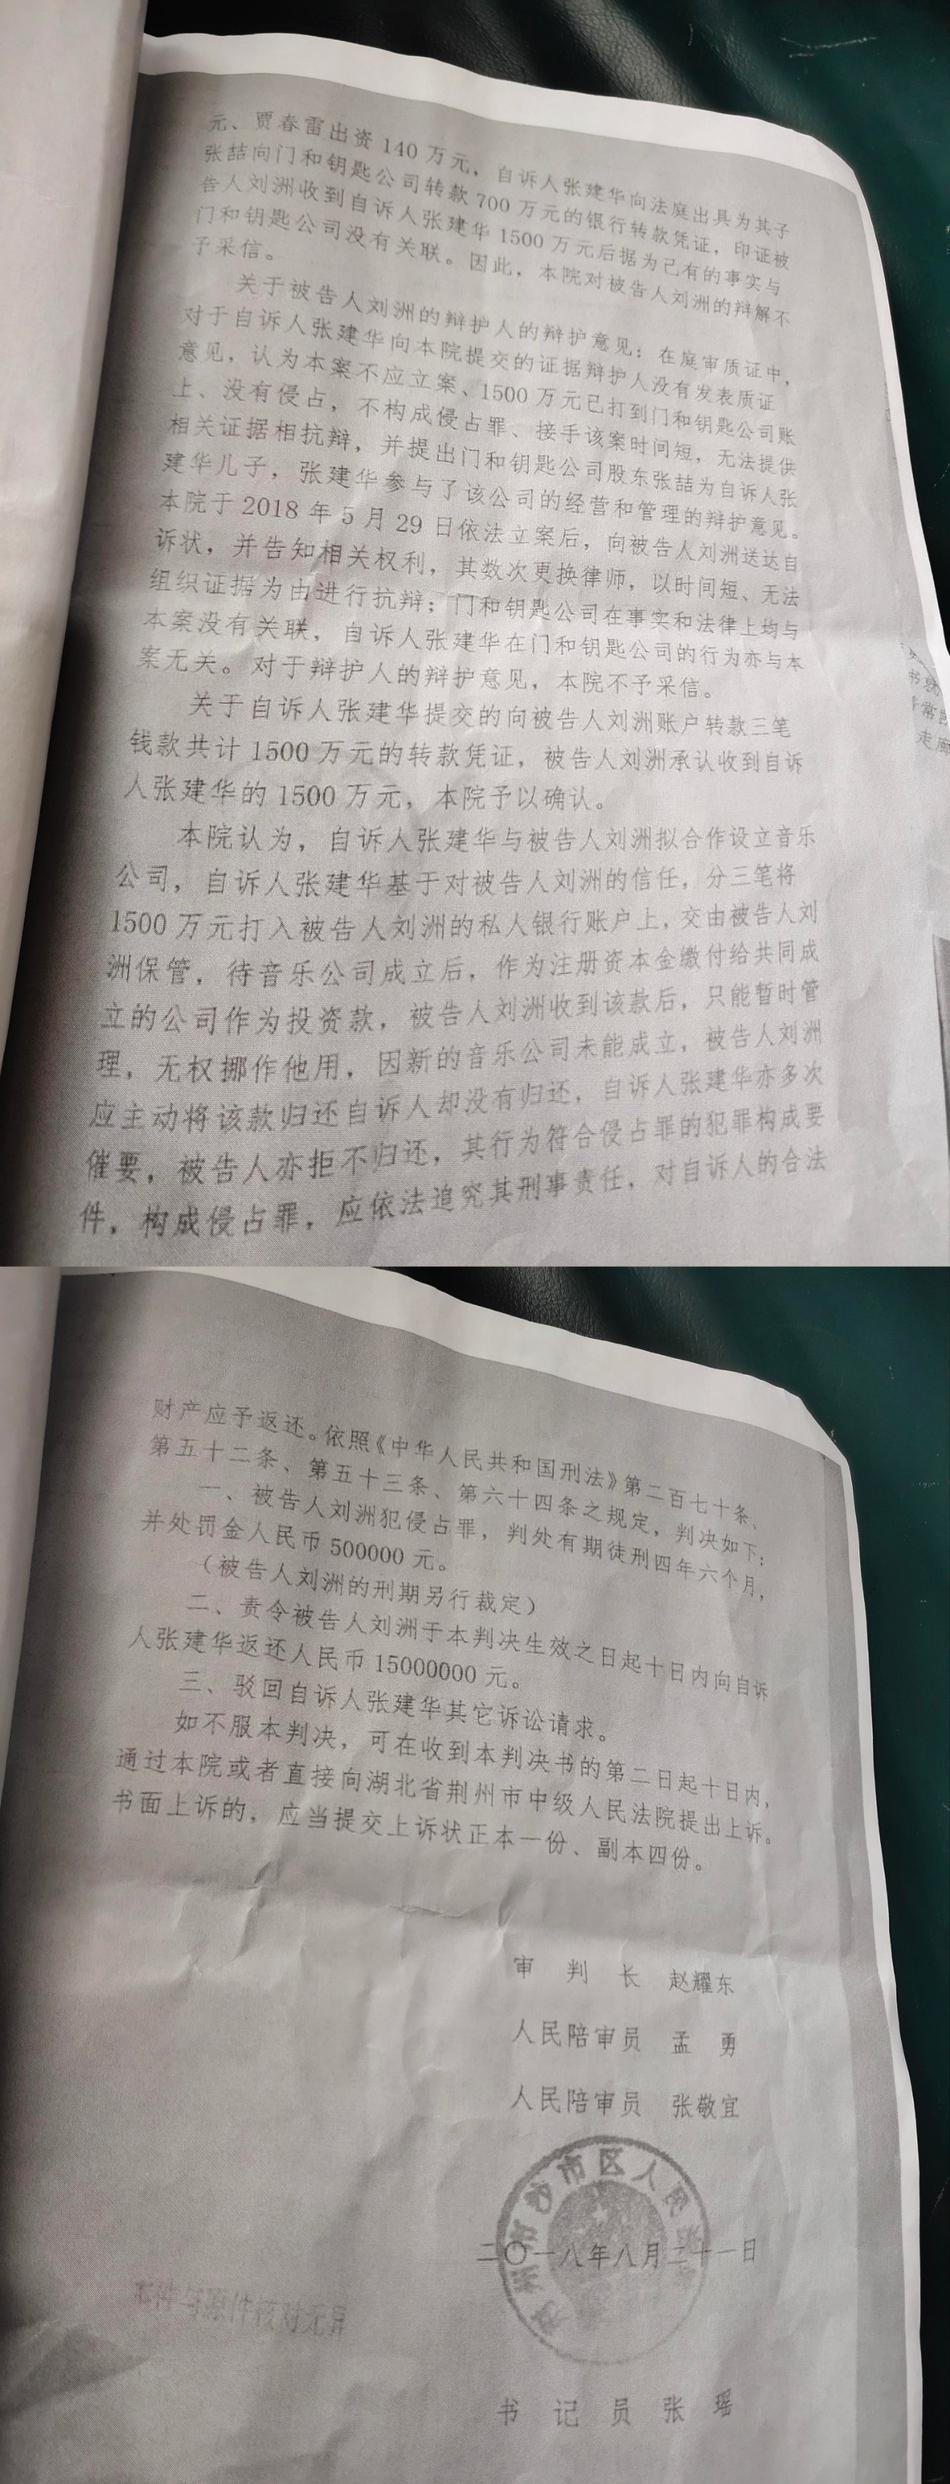 刘洲案一审判决书曝光 涉嫌侵占1500万元判刑四年半